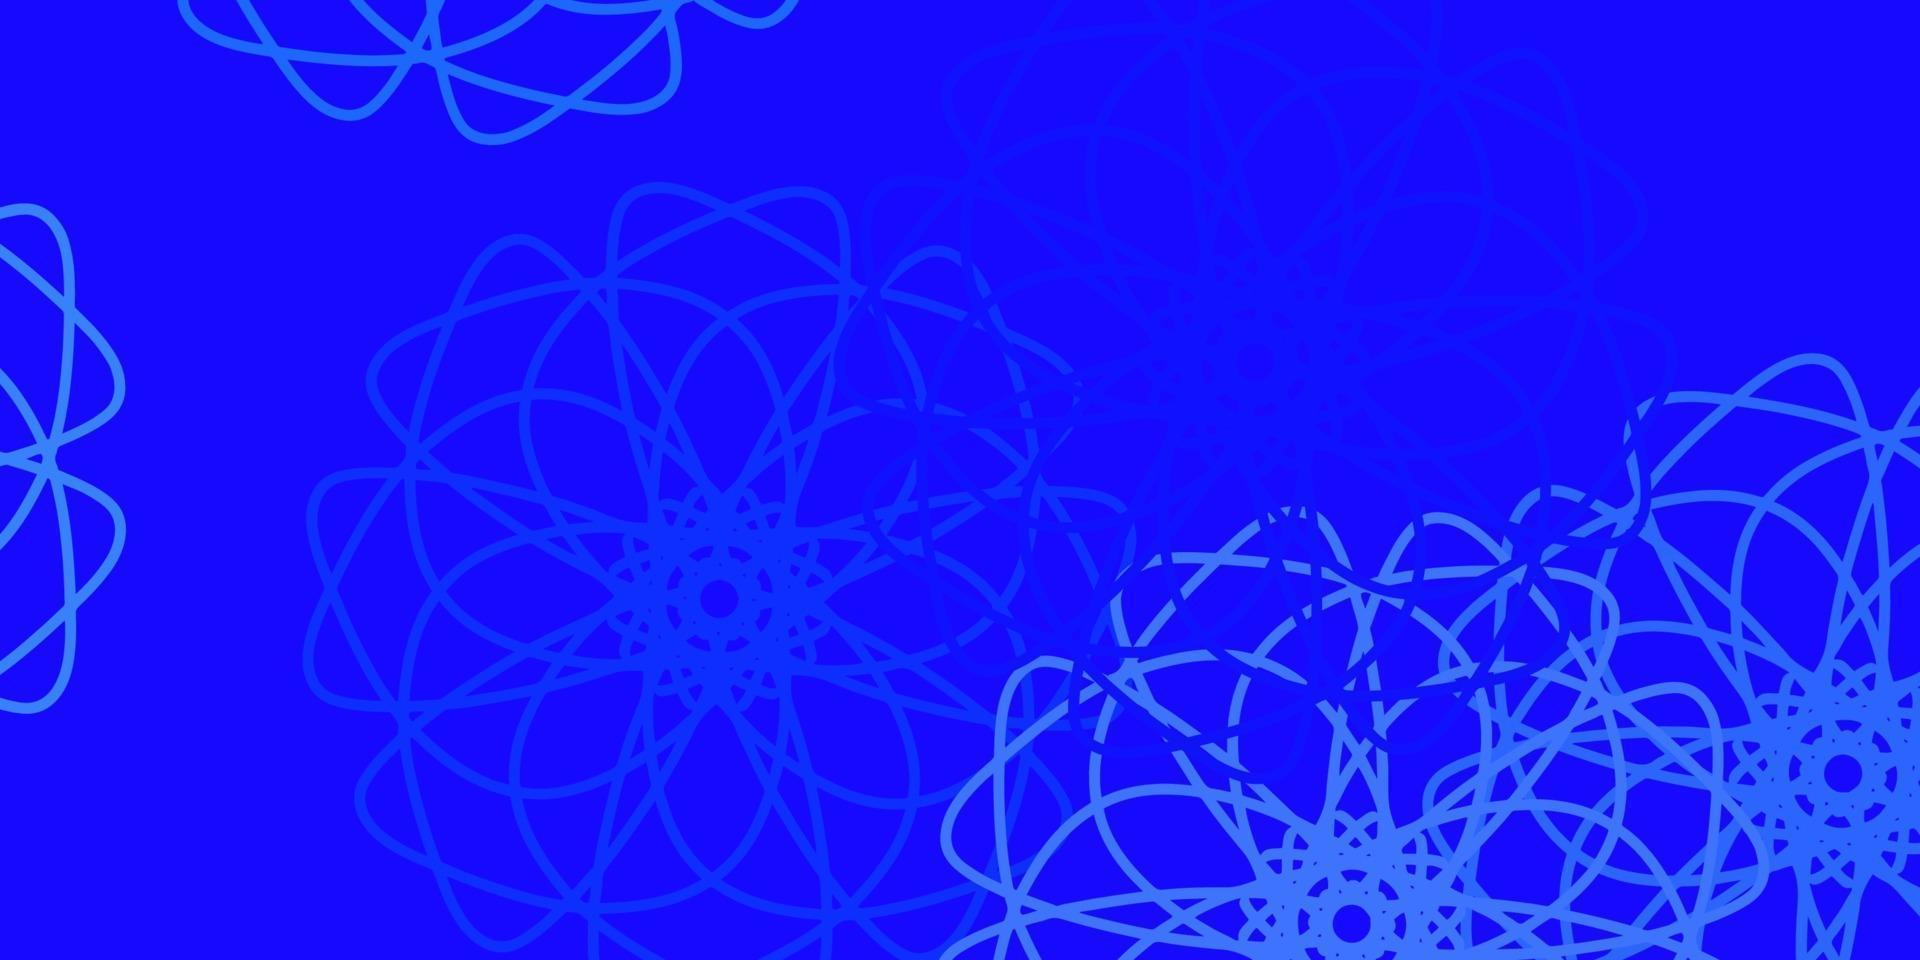 ljusblå, röd vektor naturligt konstverk med blommor.